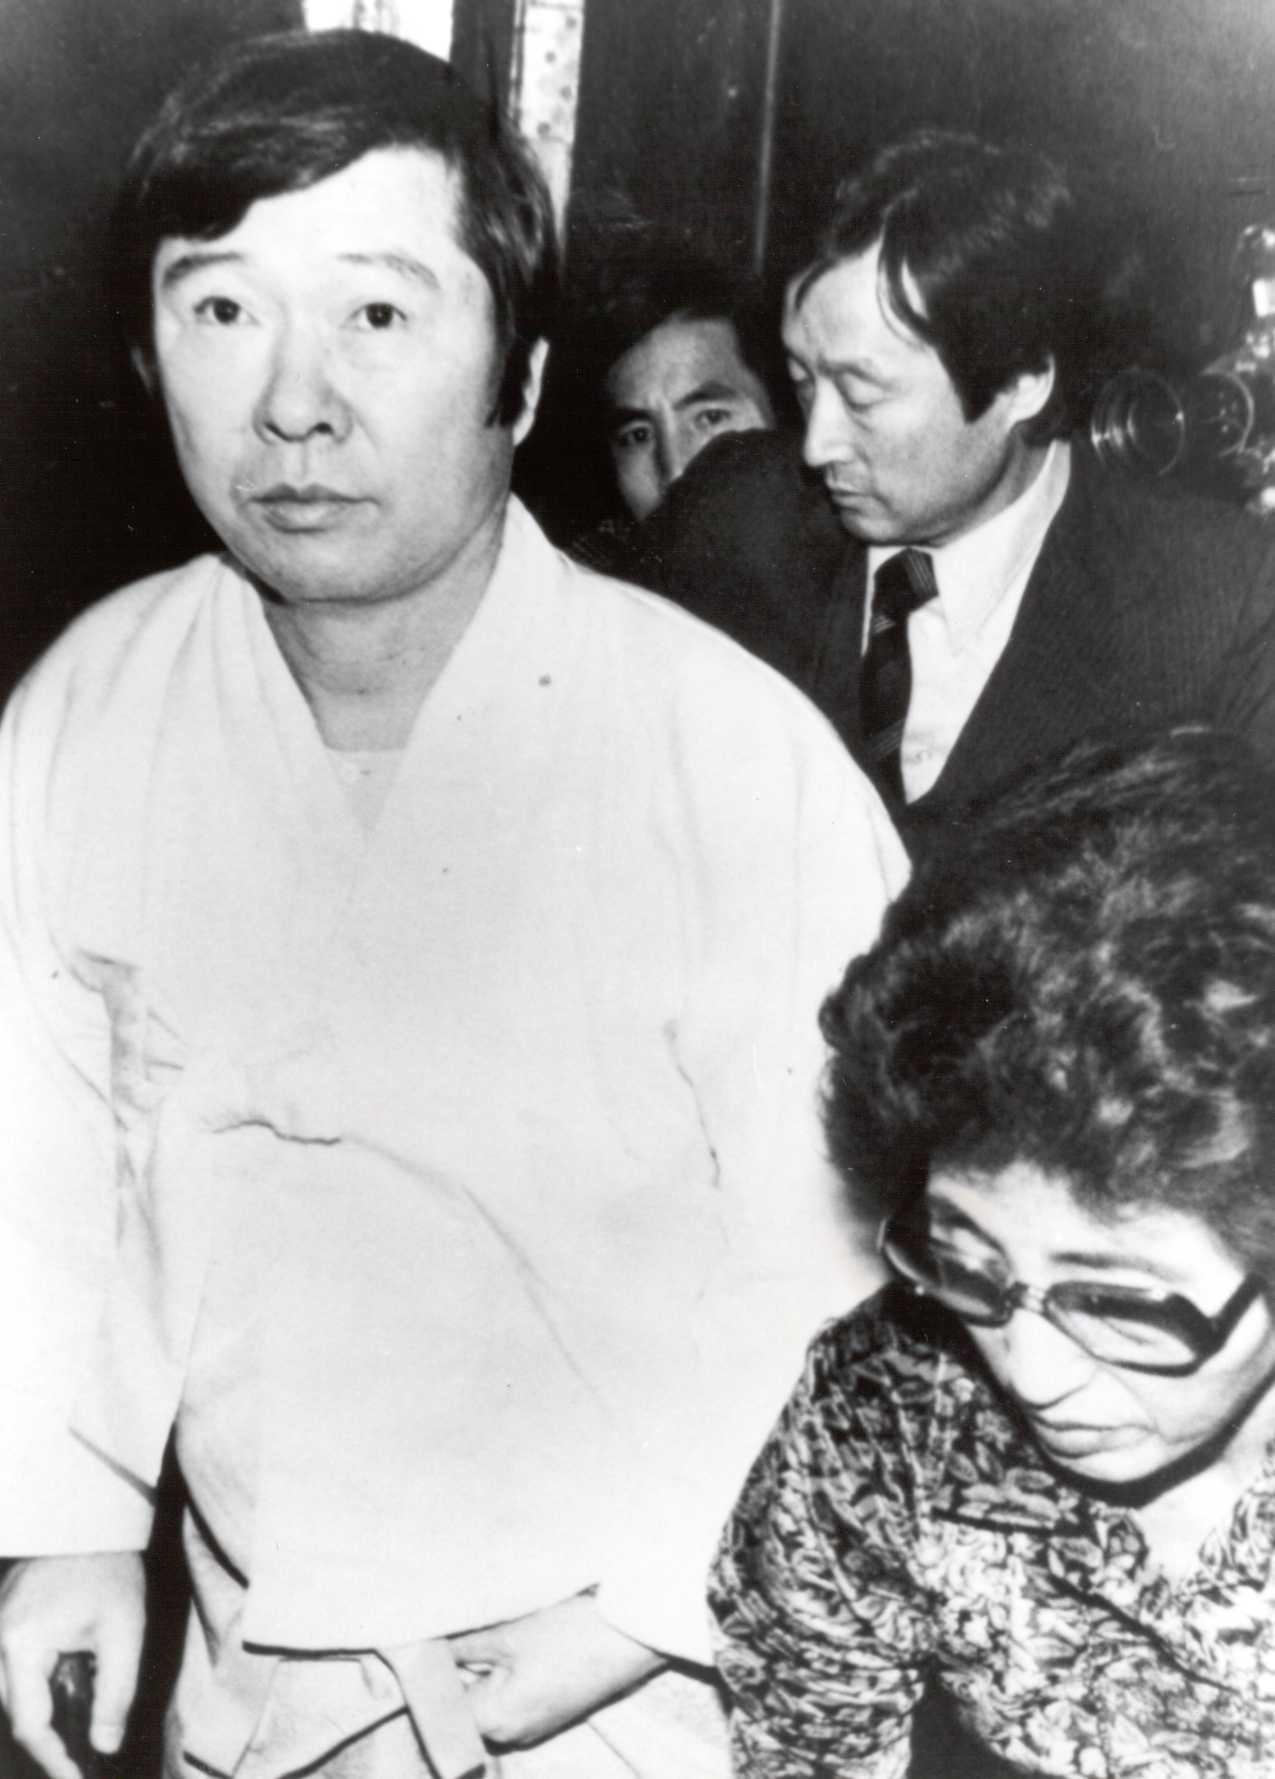 1978년 12월 석방 직후의 모습 2년 10개월 여 동안 투옥된 직후의 모습. 감옥에서 다리 부상이 악화되어 이 때부터 지팡이를 짚게 되었다.